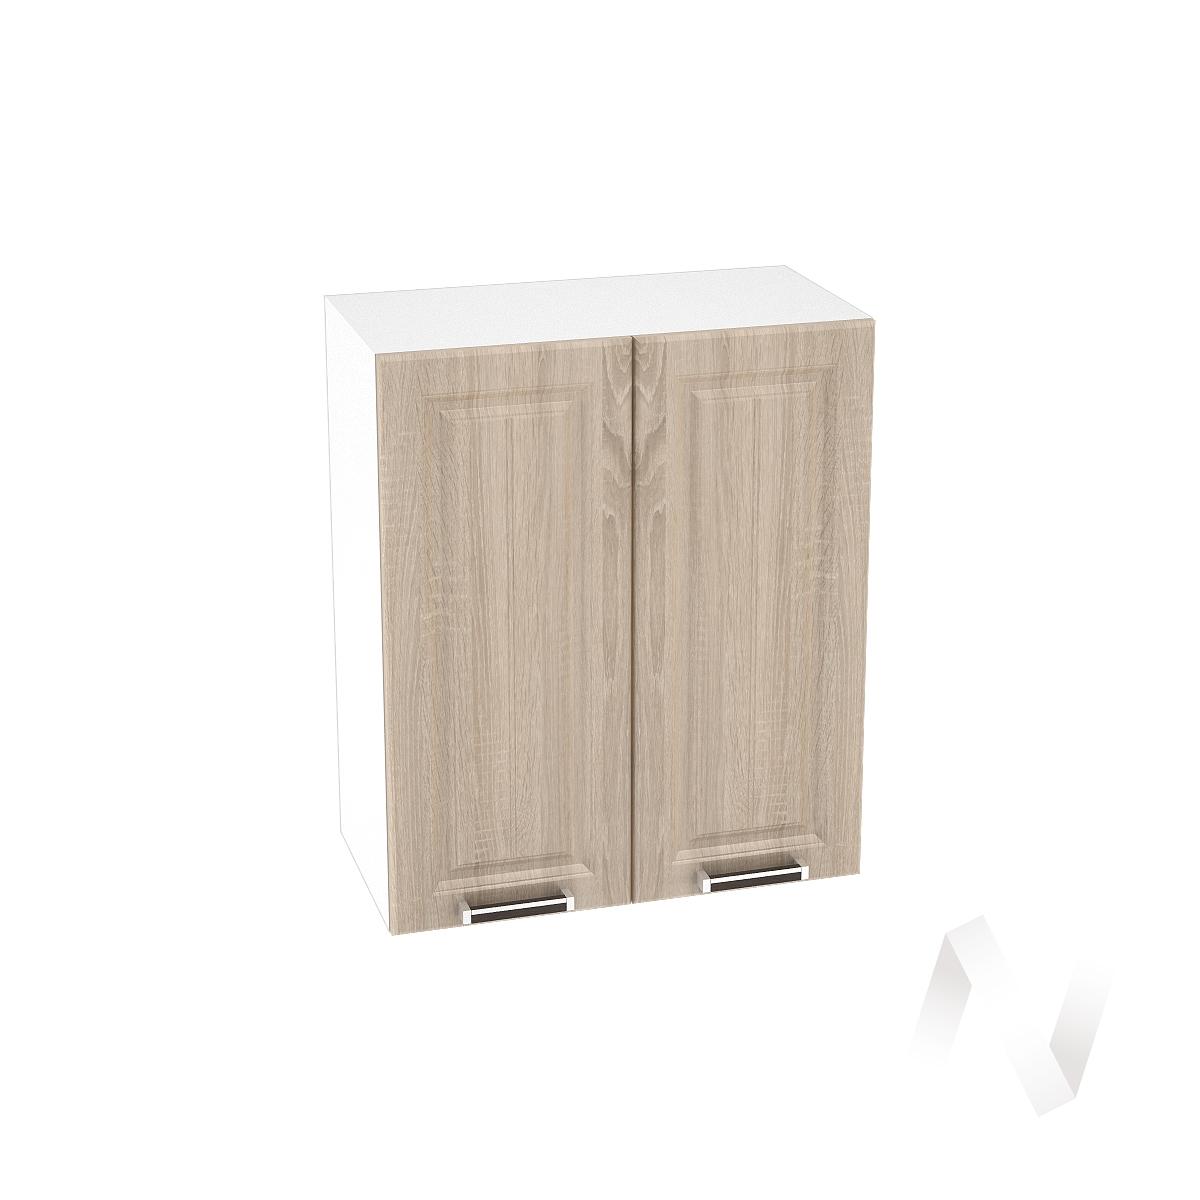 """Купить кухня """"прага"""": шкаф верхний 800, шв 800 (дуб сонома/корпус белый) в Новосибирске в интернет-магазине Мебель плюс Техника"""